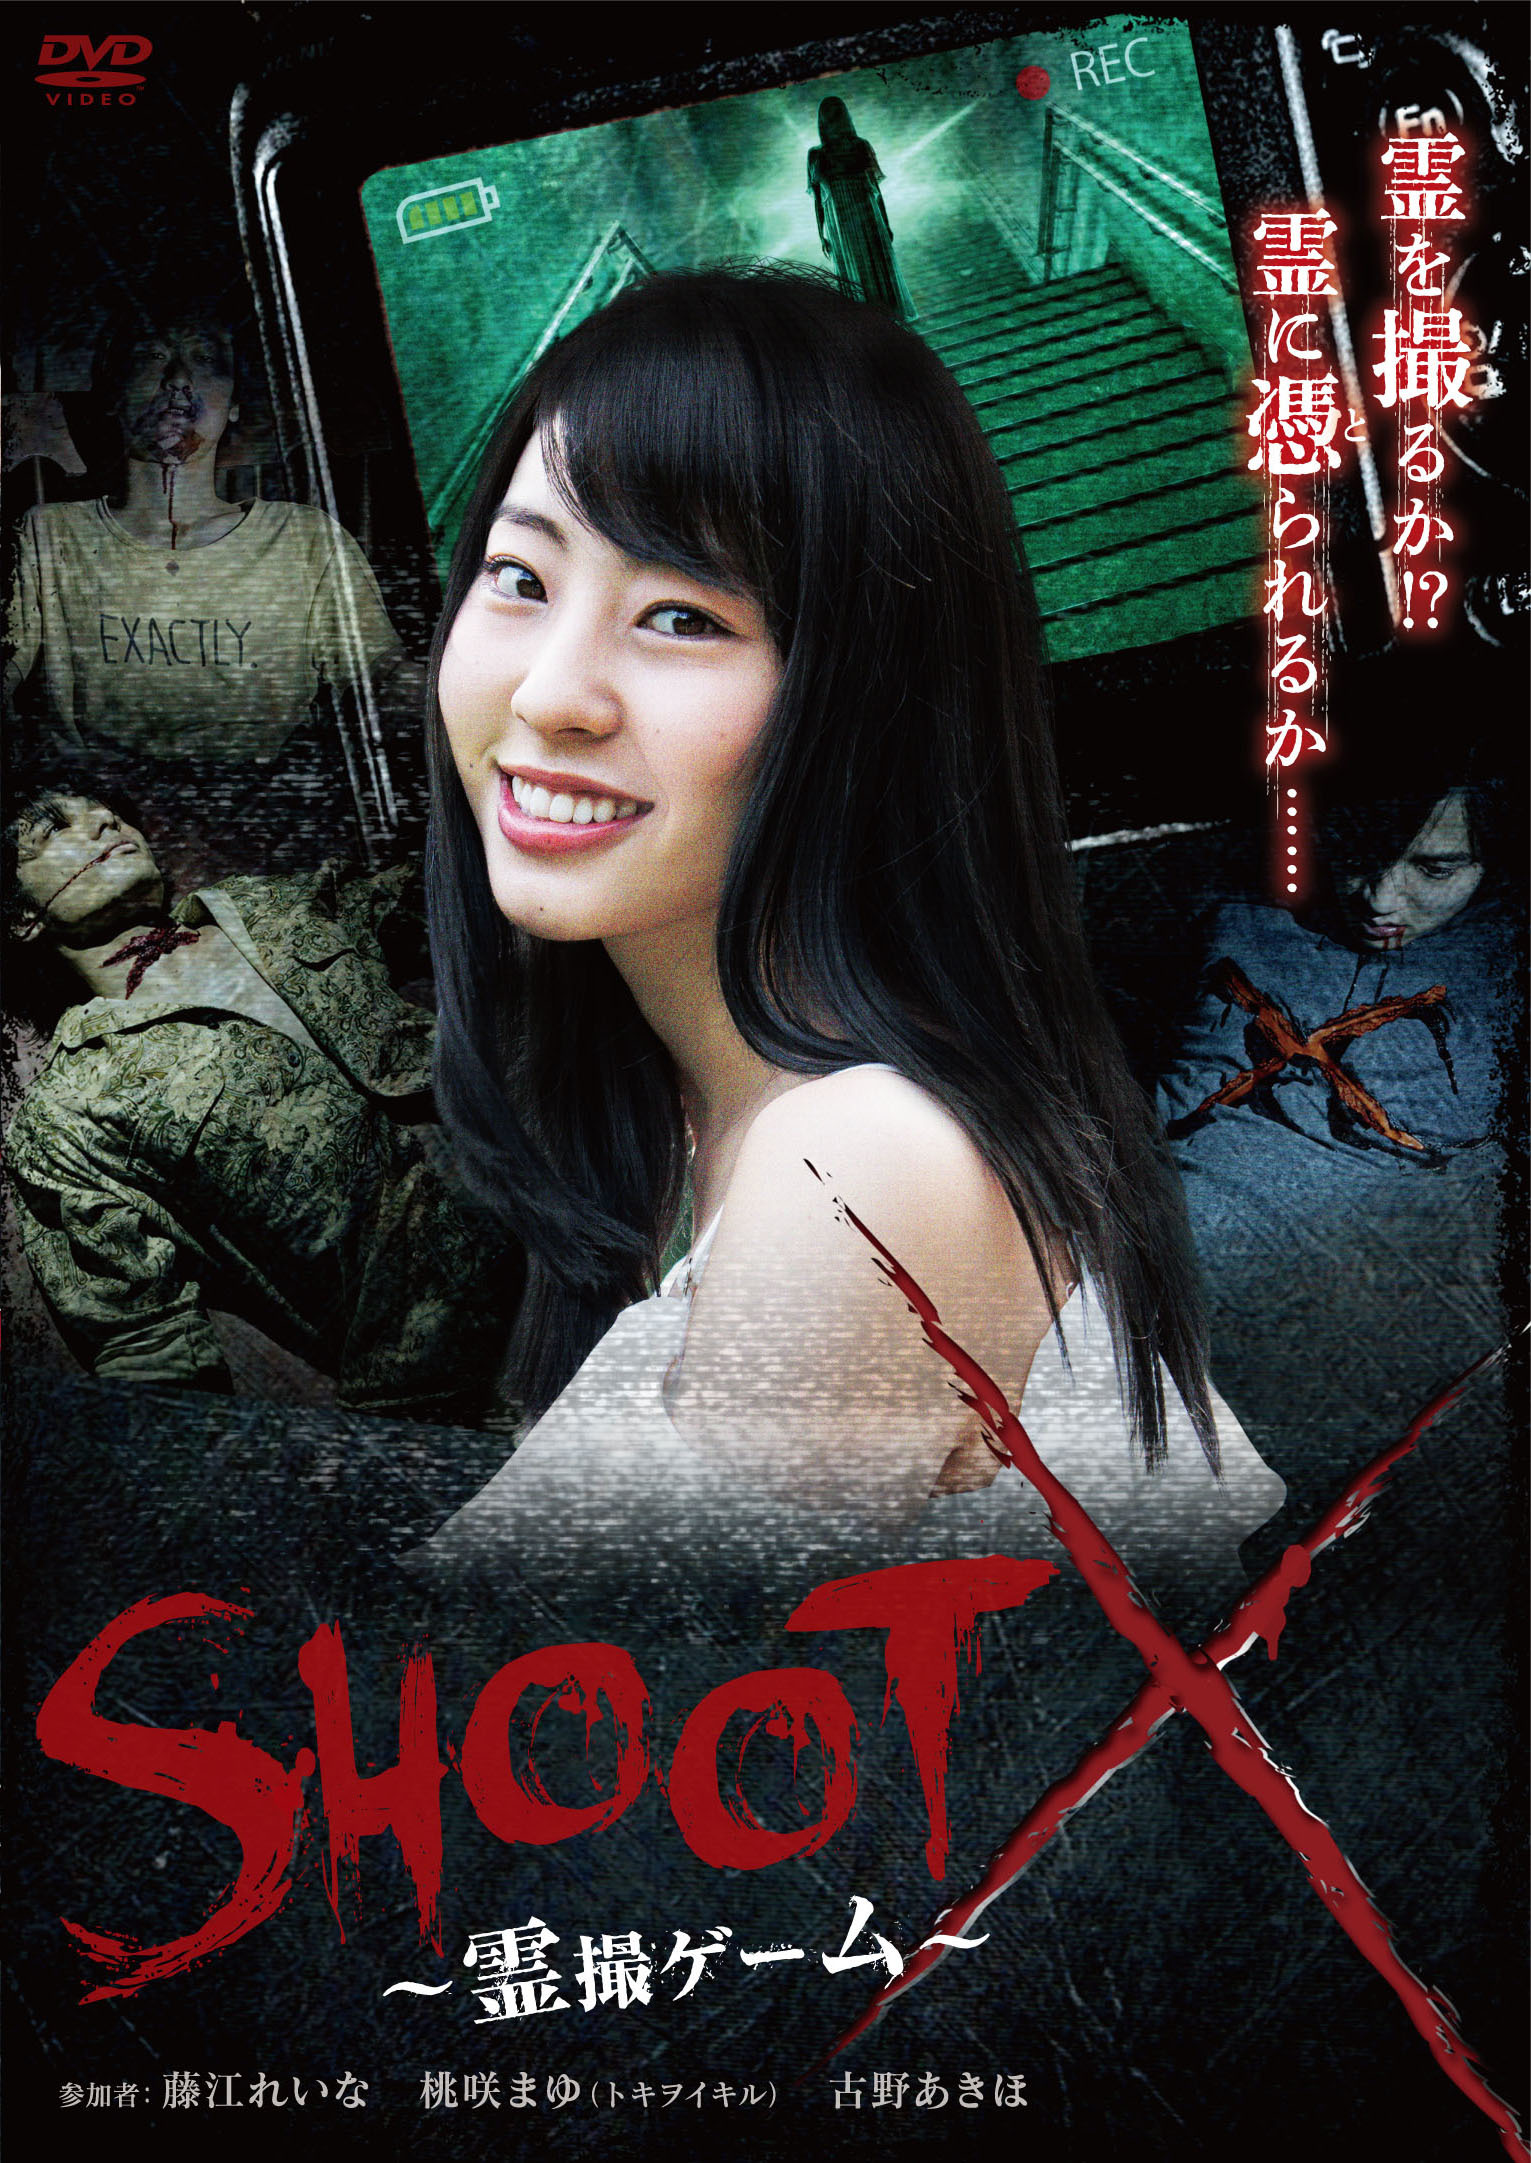 【受付開始】映画「SHOOT X」DVD & 5/13(日)上映会チケット 販売開始!